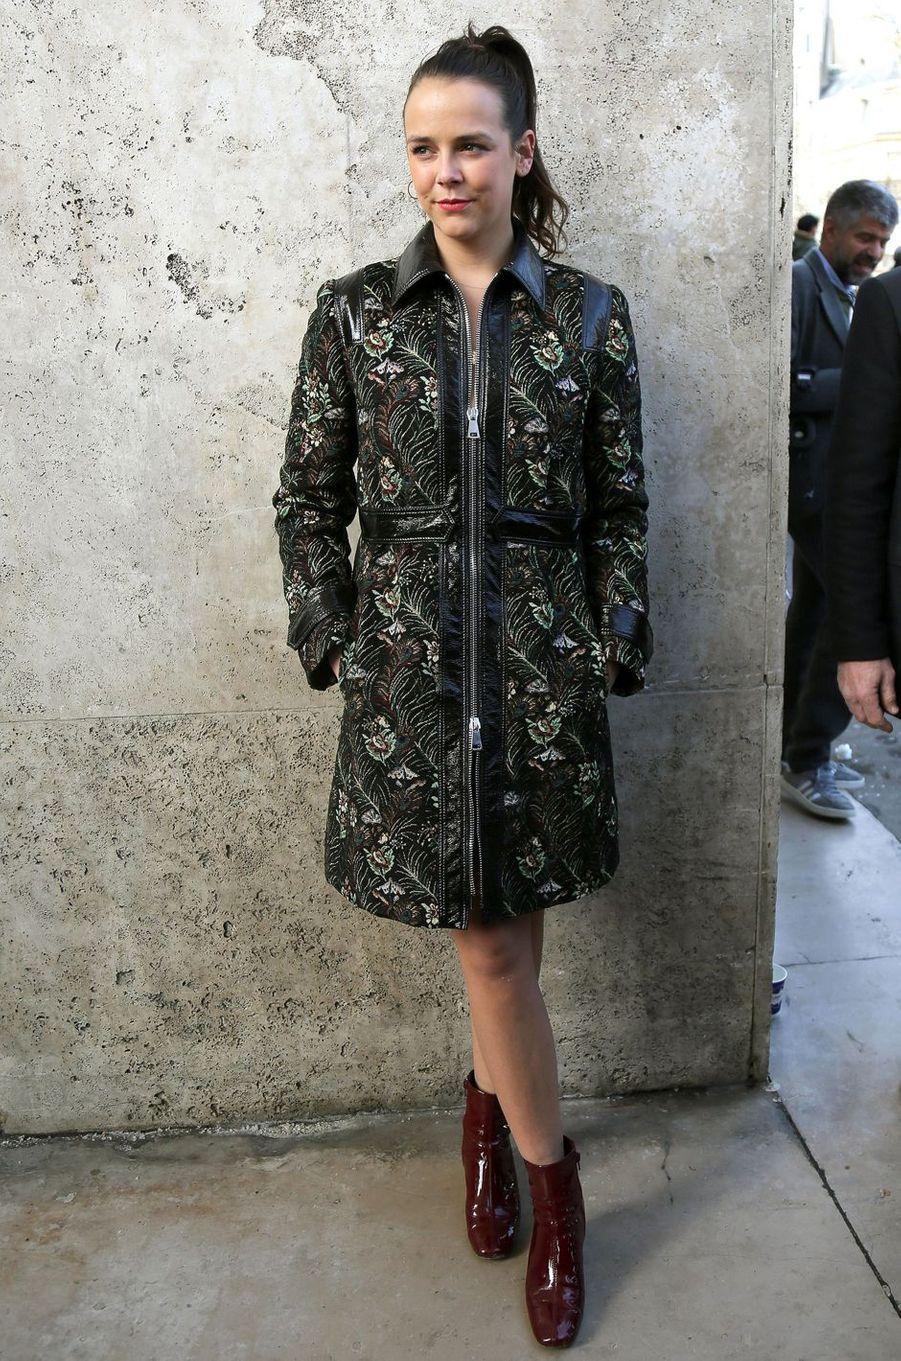 Pauline Ducruet au défilé Giambattista Valli à la Fashion Week à Paris, le 5 mars 2018